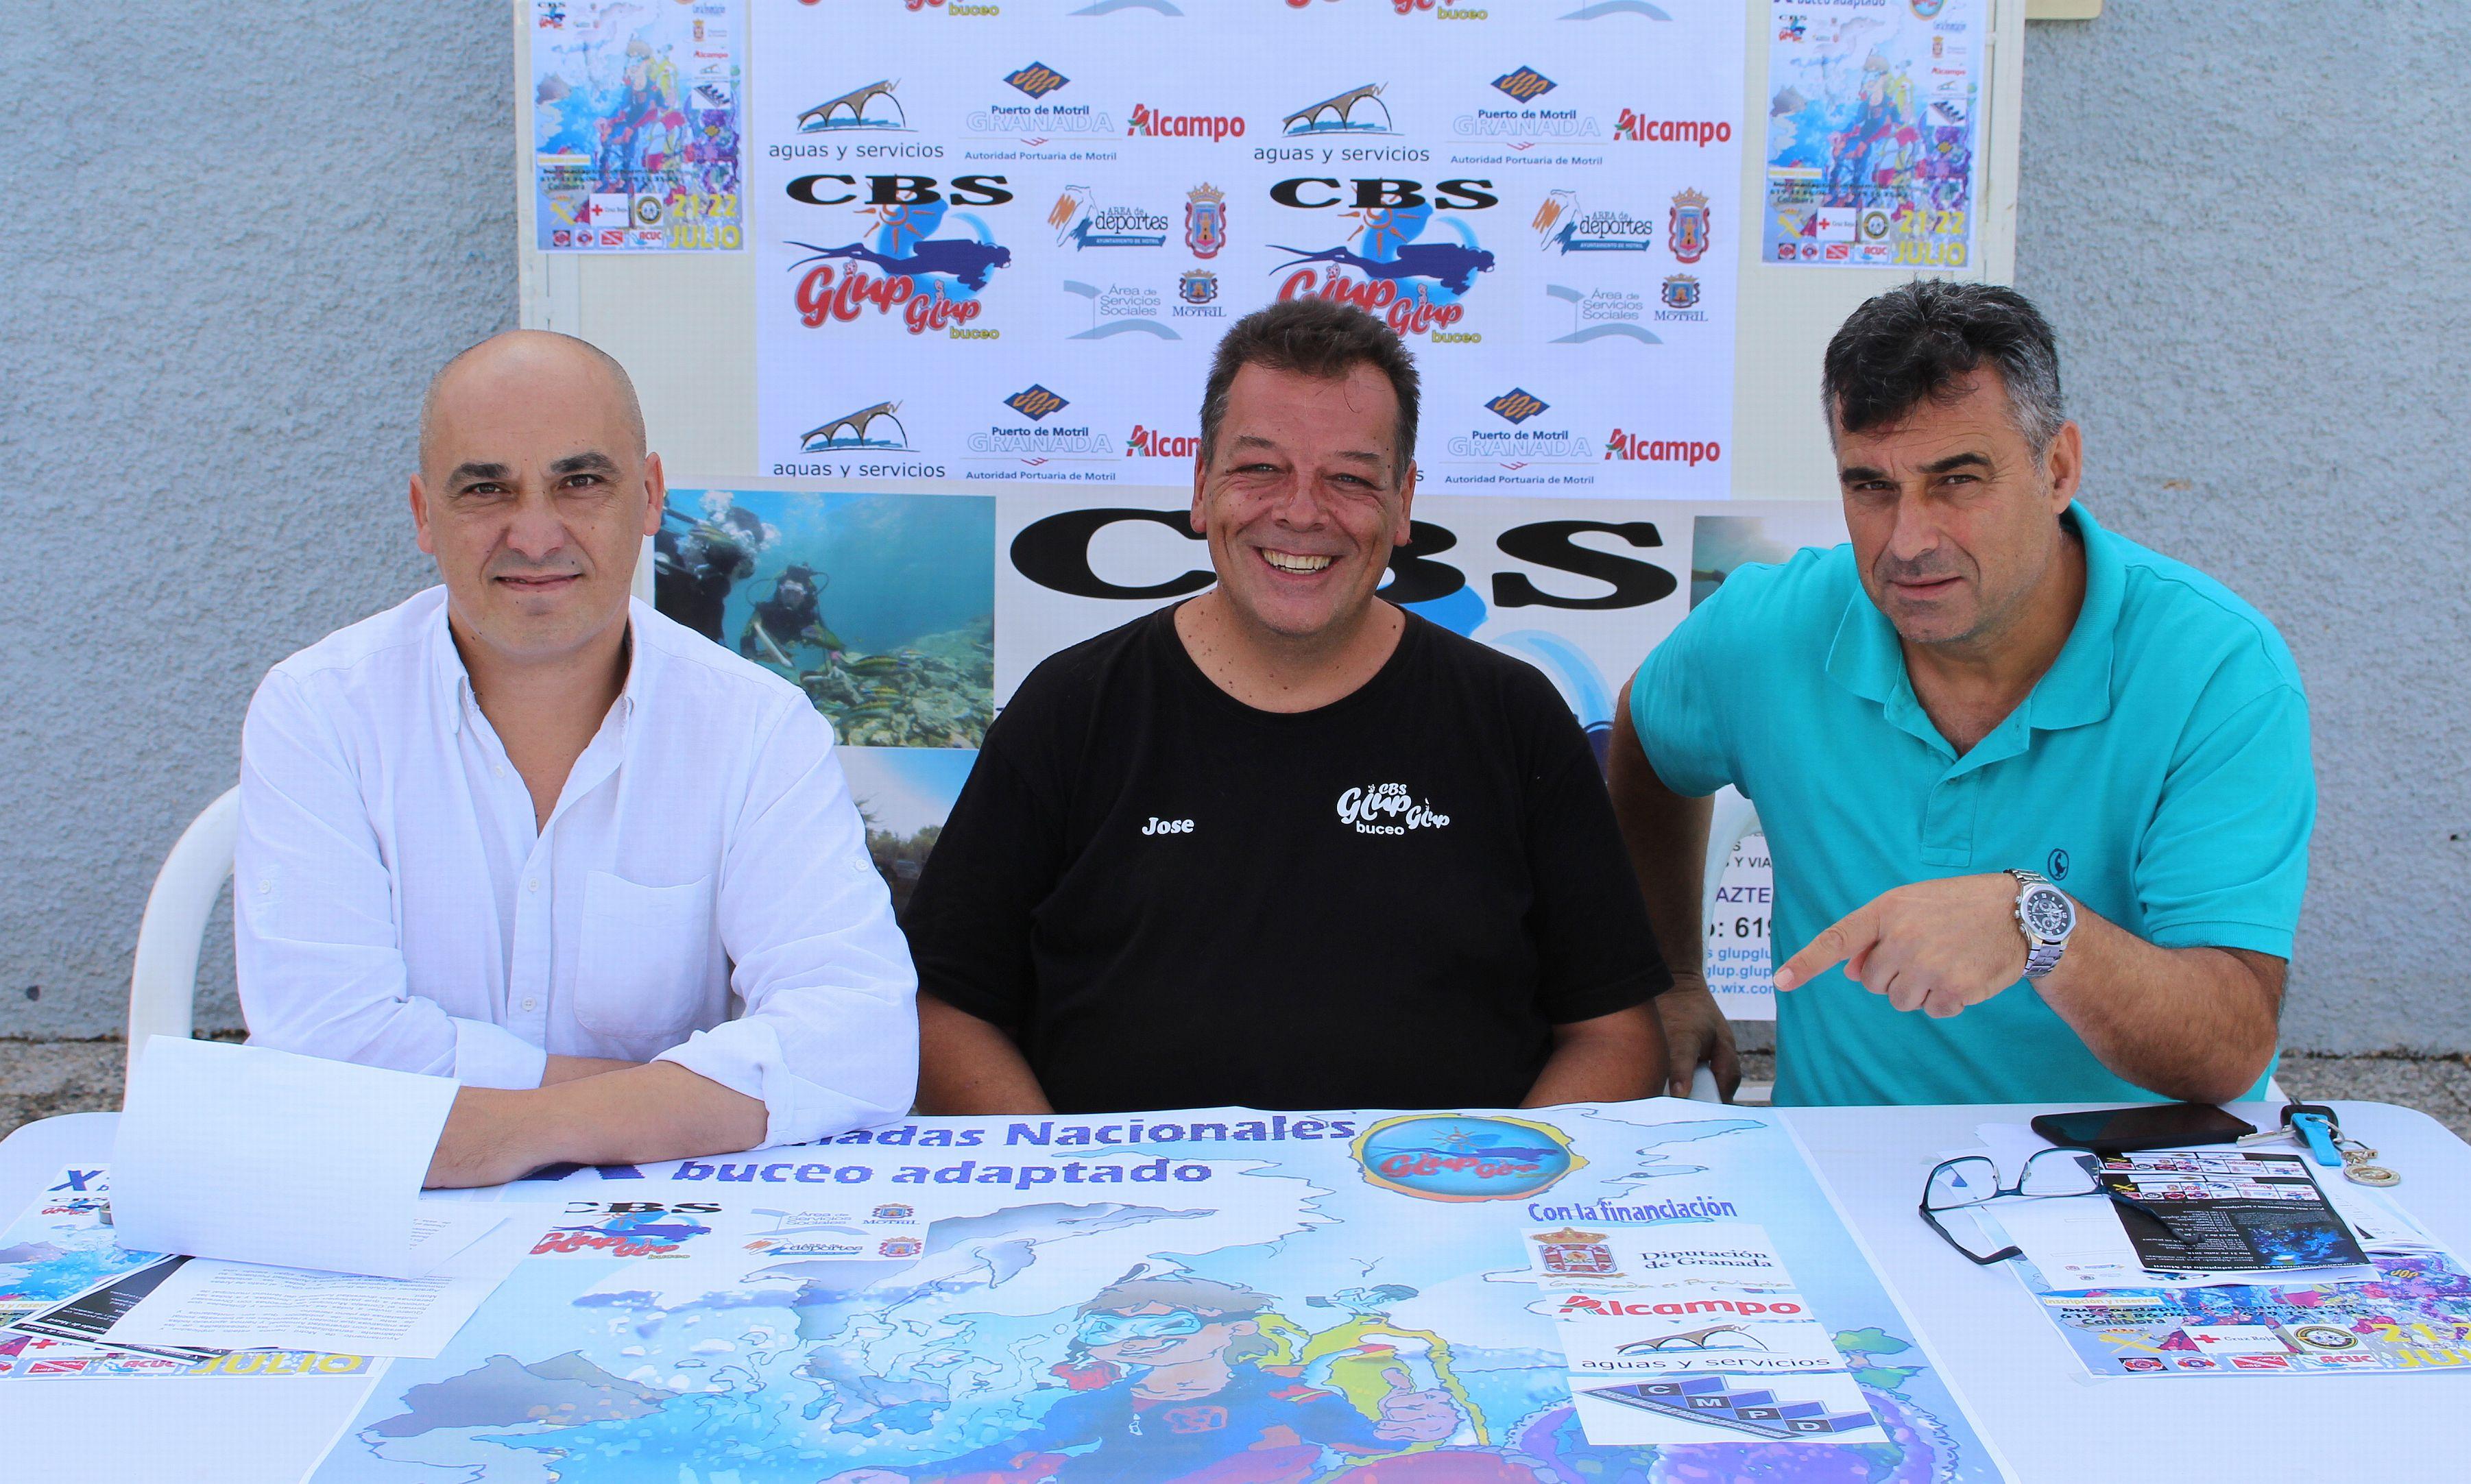 Presentación X Jornadas Nacionales de Buceo Adaptado (Foto: El Faro)